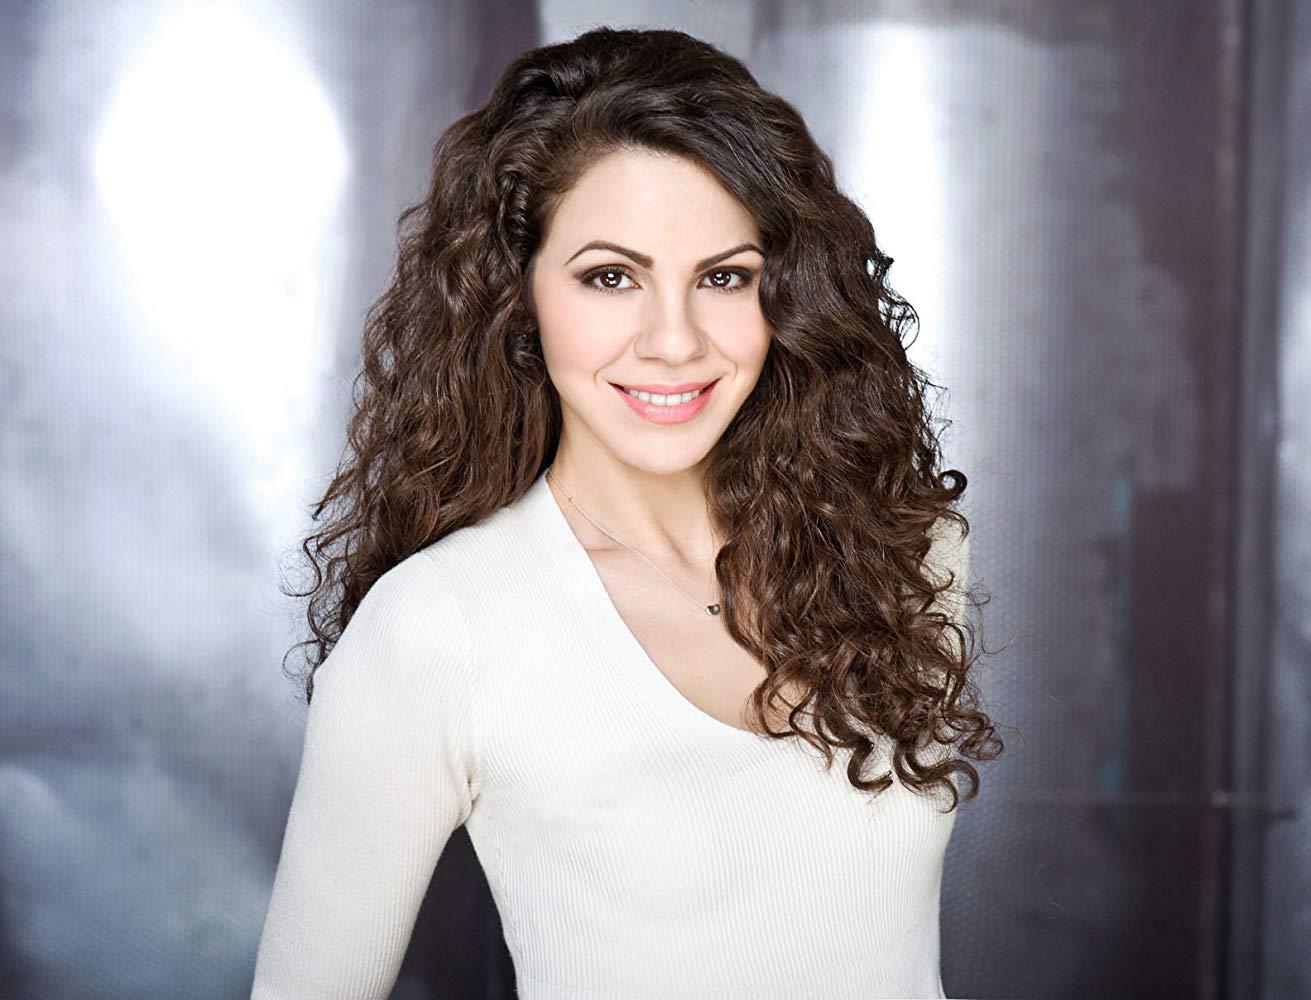 Christine Tsiliverdis